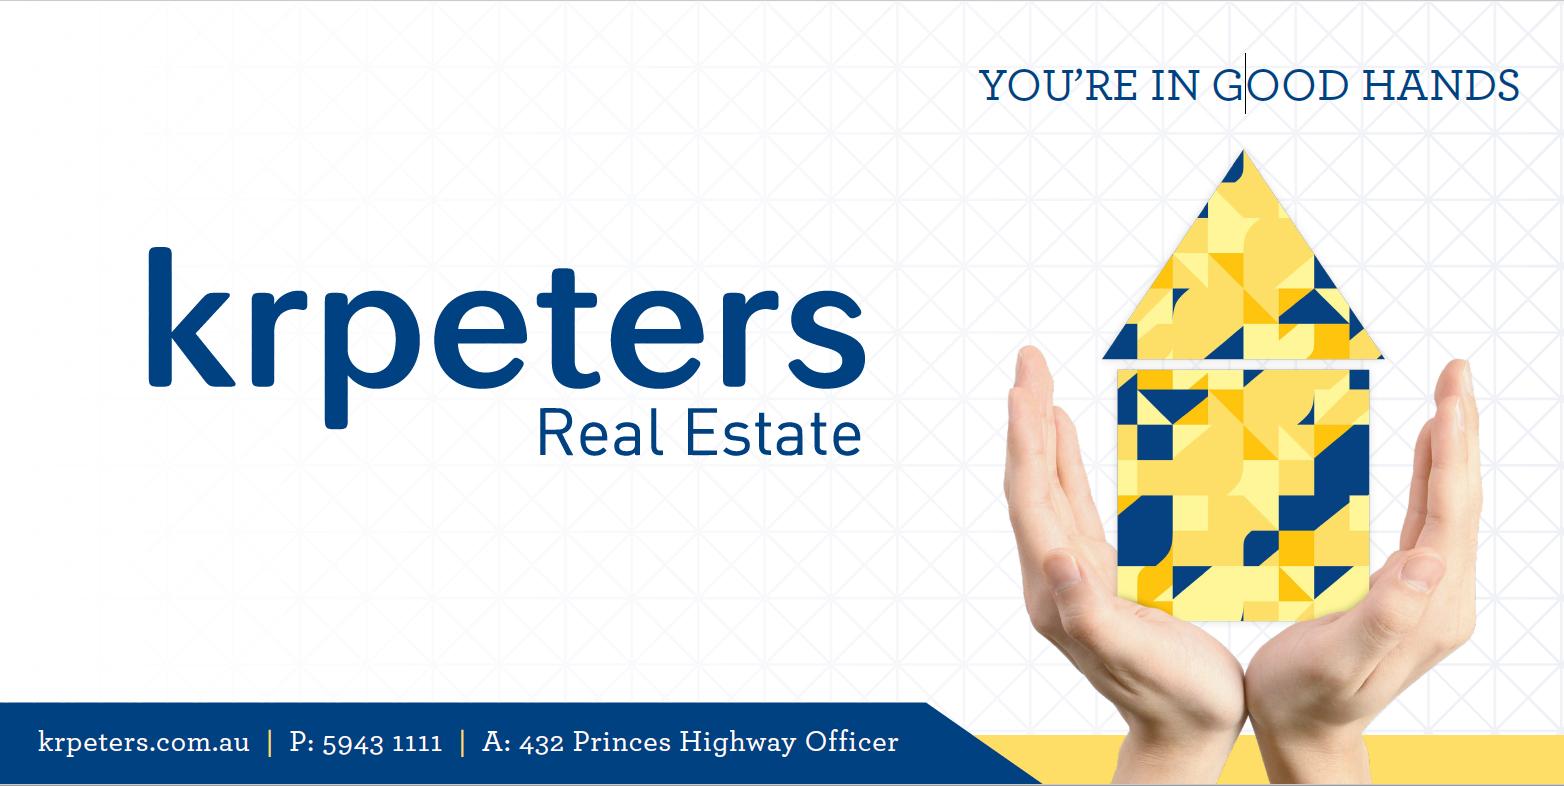 KR Peters Real Estate